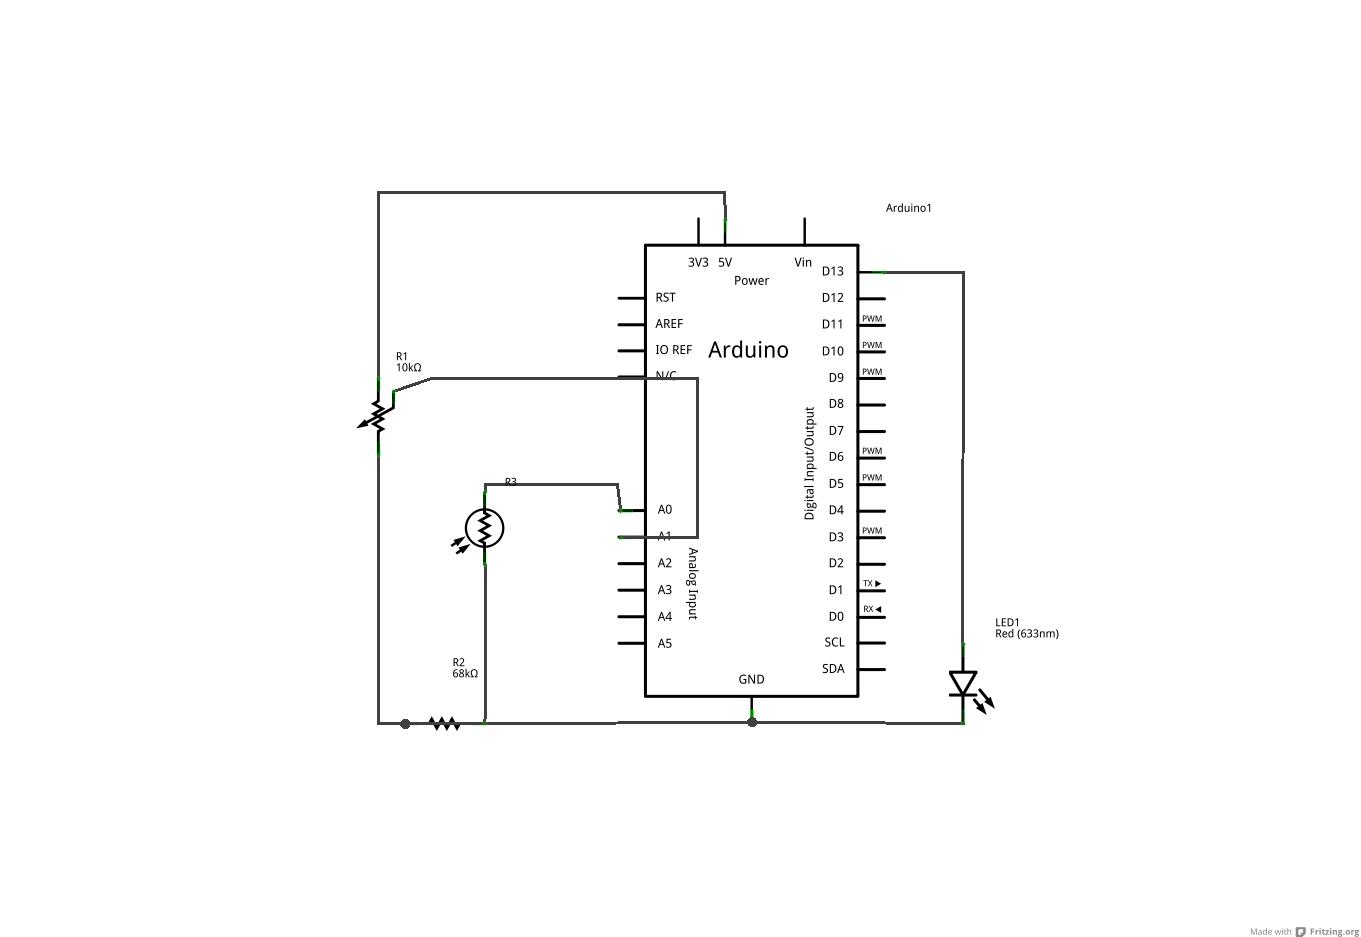 Ziemlich Schaltplan Des Lichtsensors Bilder - Der Schaltplan ...